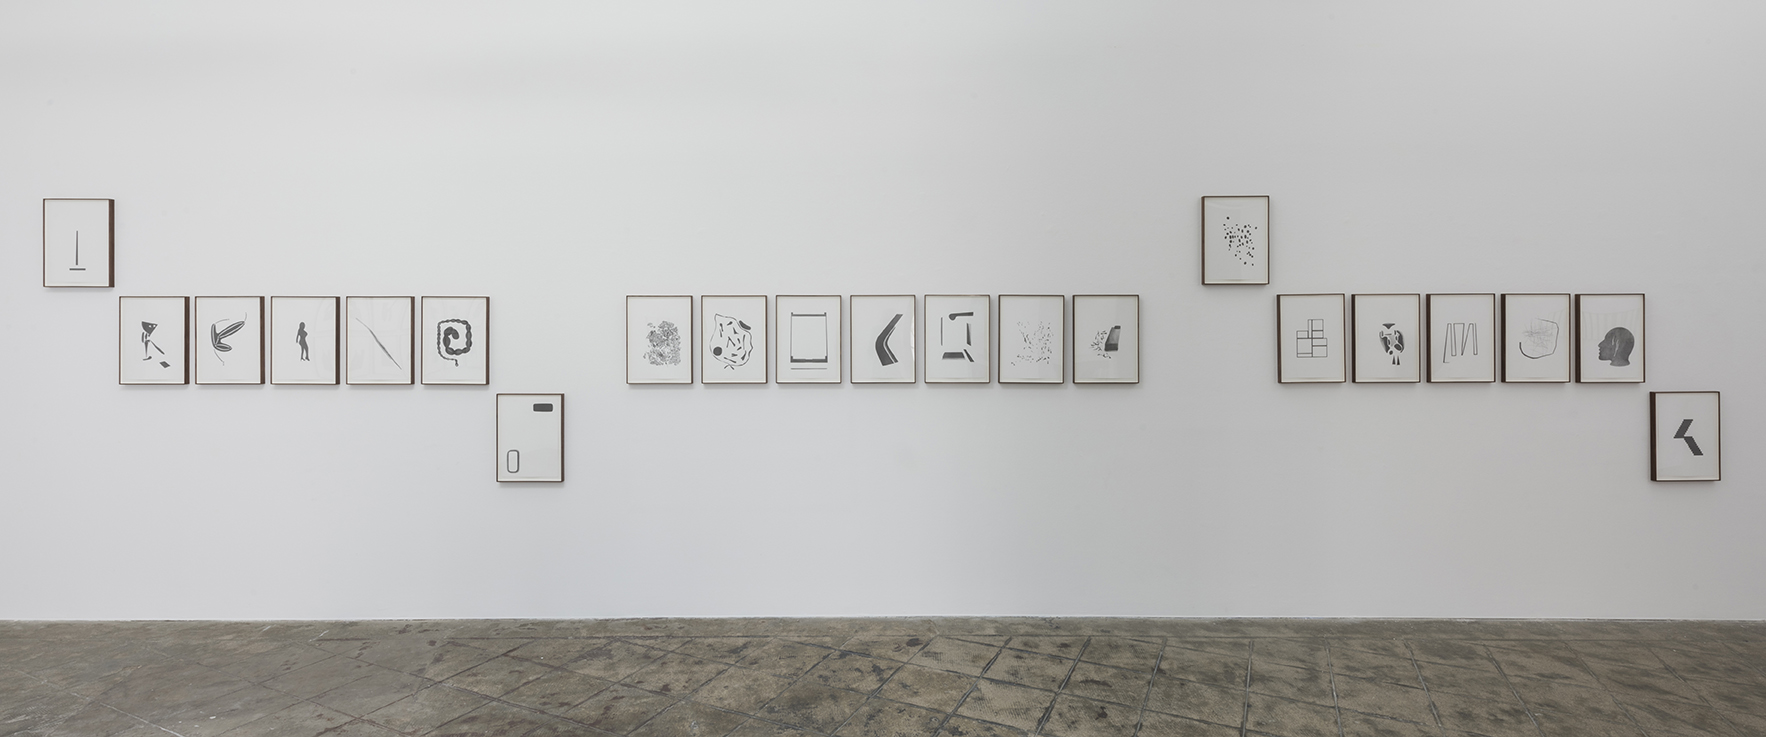 La Vida Abstracta de Billy Murcia, 2015 | La Vida Abstracta de Billy Murcia | ProjecteSD